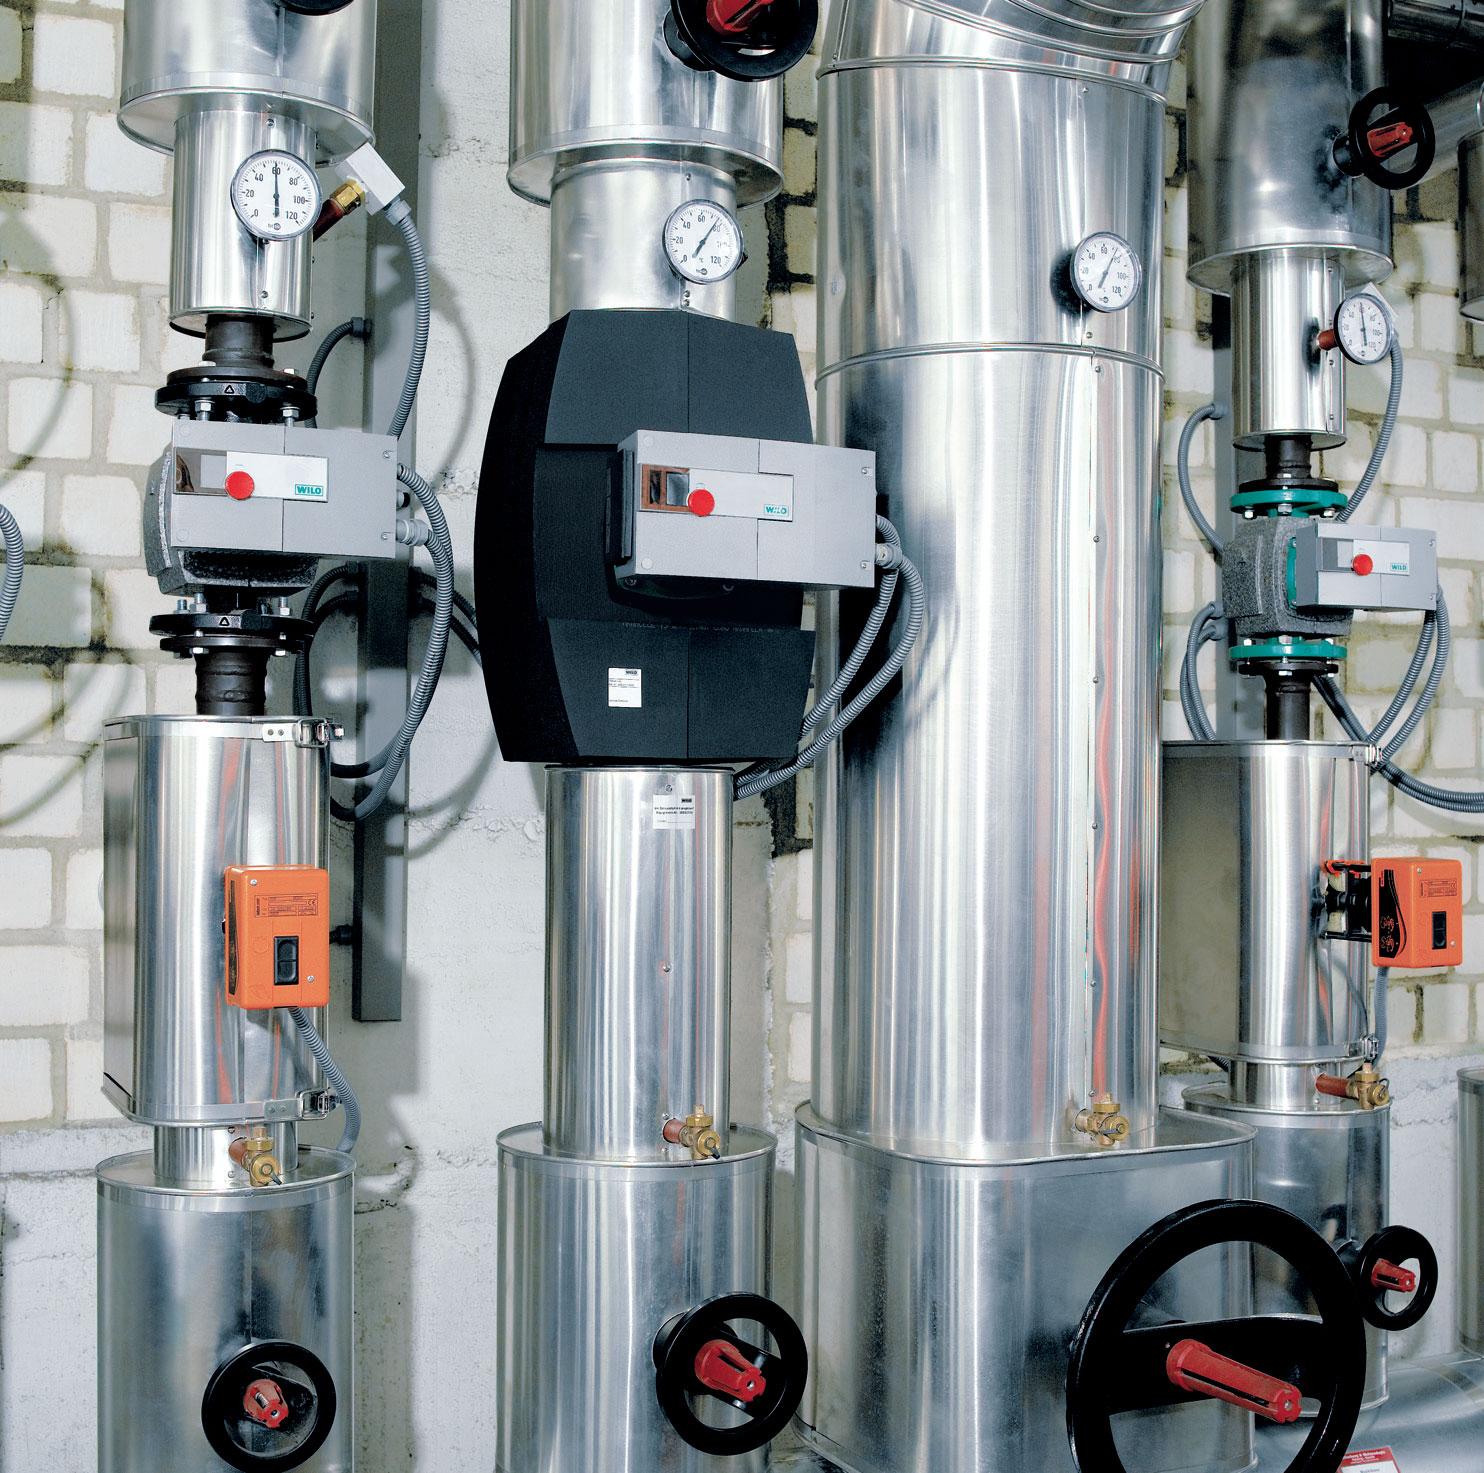 sterowanie pompami obiegowymi1 - Sterowanie pompami obiegowymi